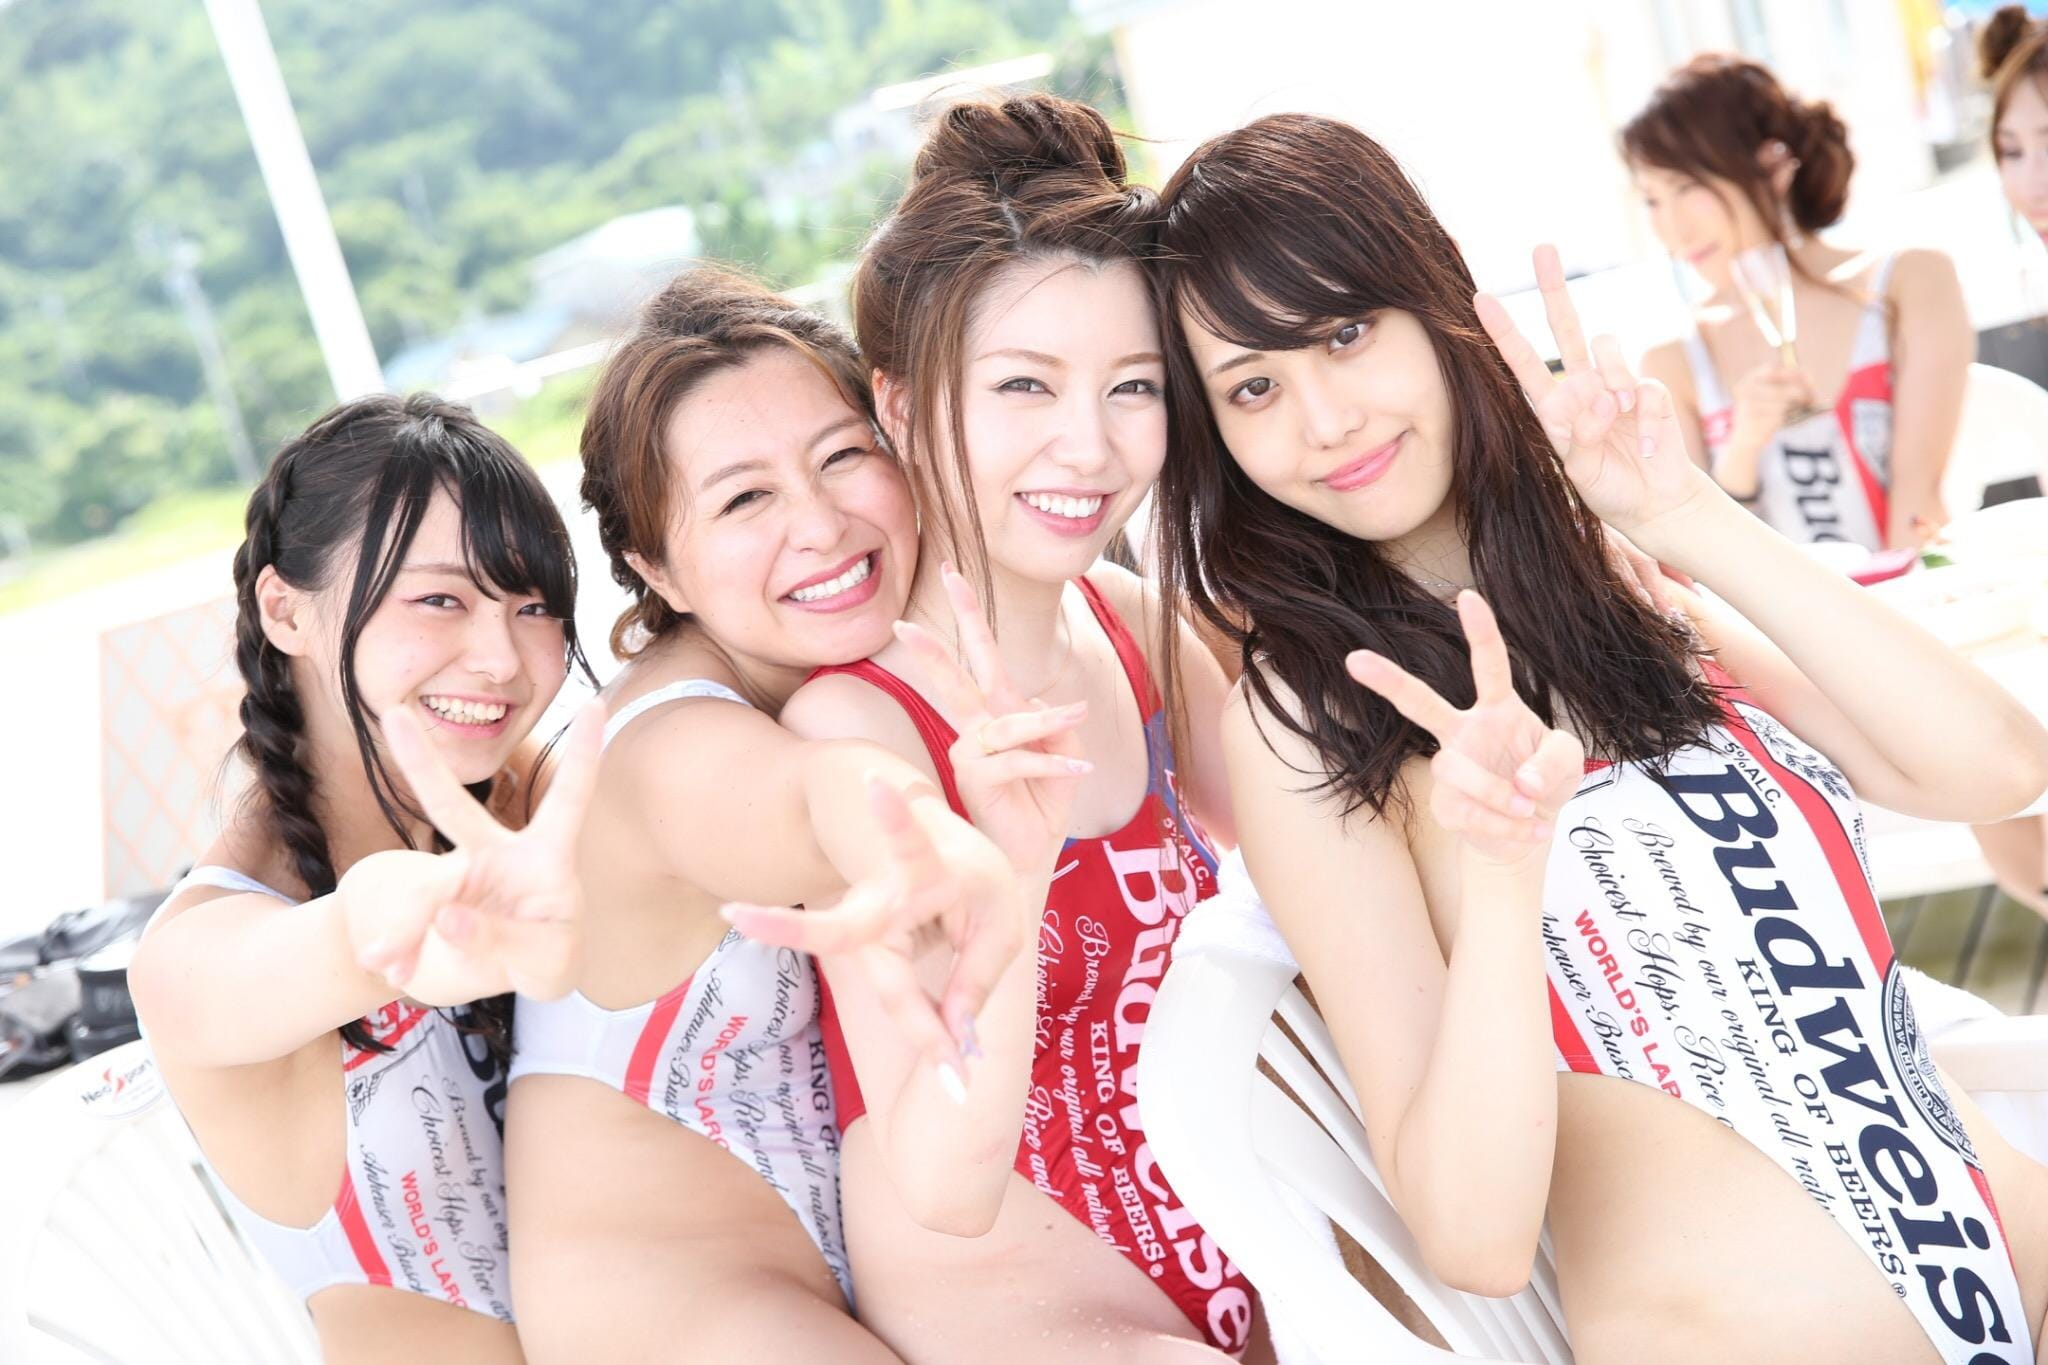 「おはよ⸜(*˙꒳˙*)⸝」09/23(09/23) 12:50 | あやめの写メ・風俗動画